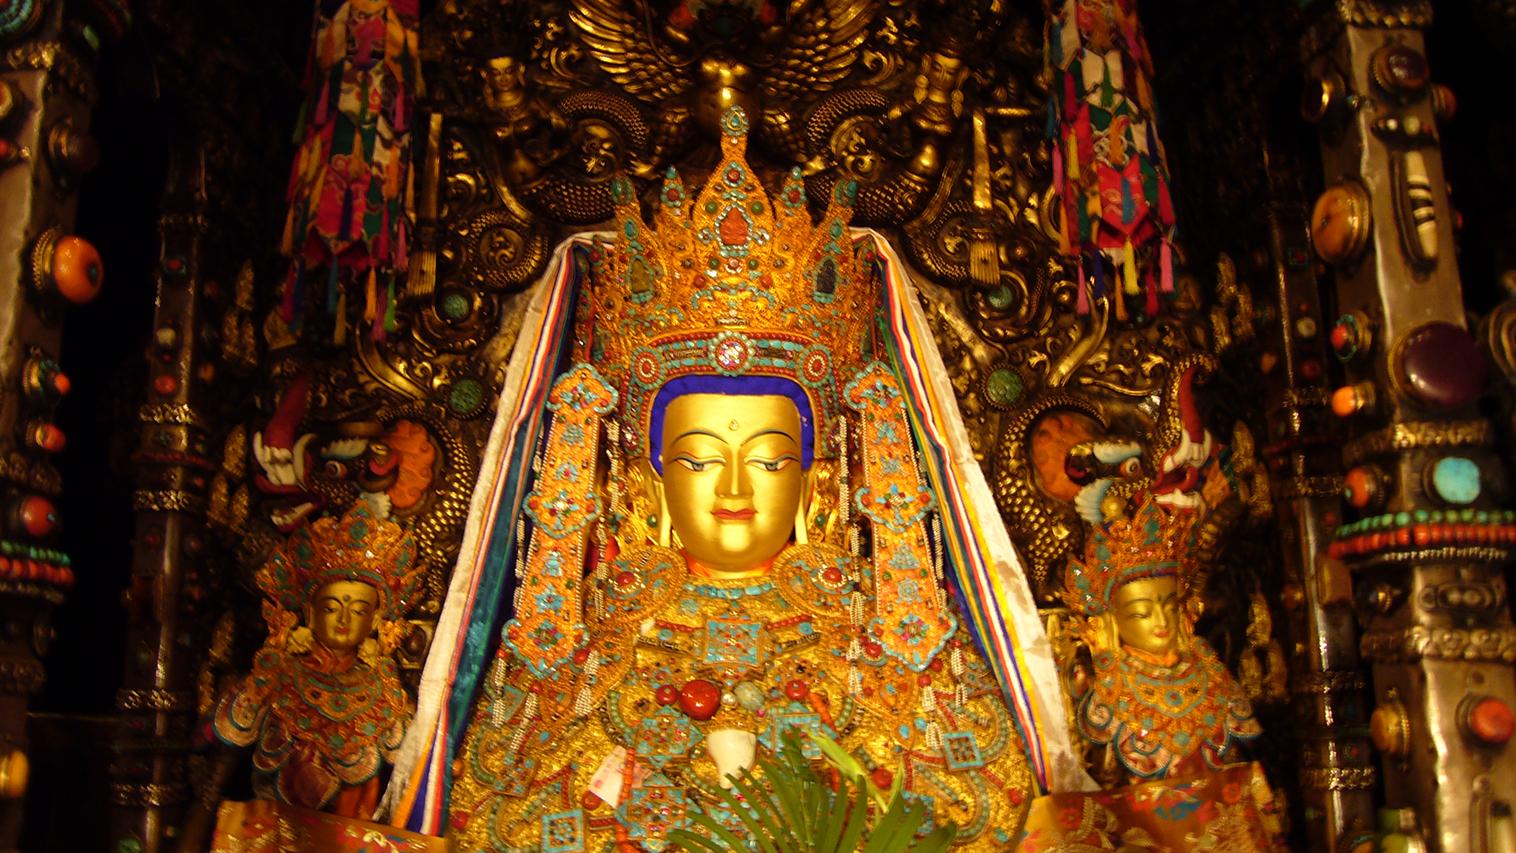 供奉于拉萨大昭寺主殿的觉沃佛像,佛祖释迦牟尼等身像,至为神圣。2007年2月藏历新年拍摄。(唯色摄影)